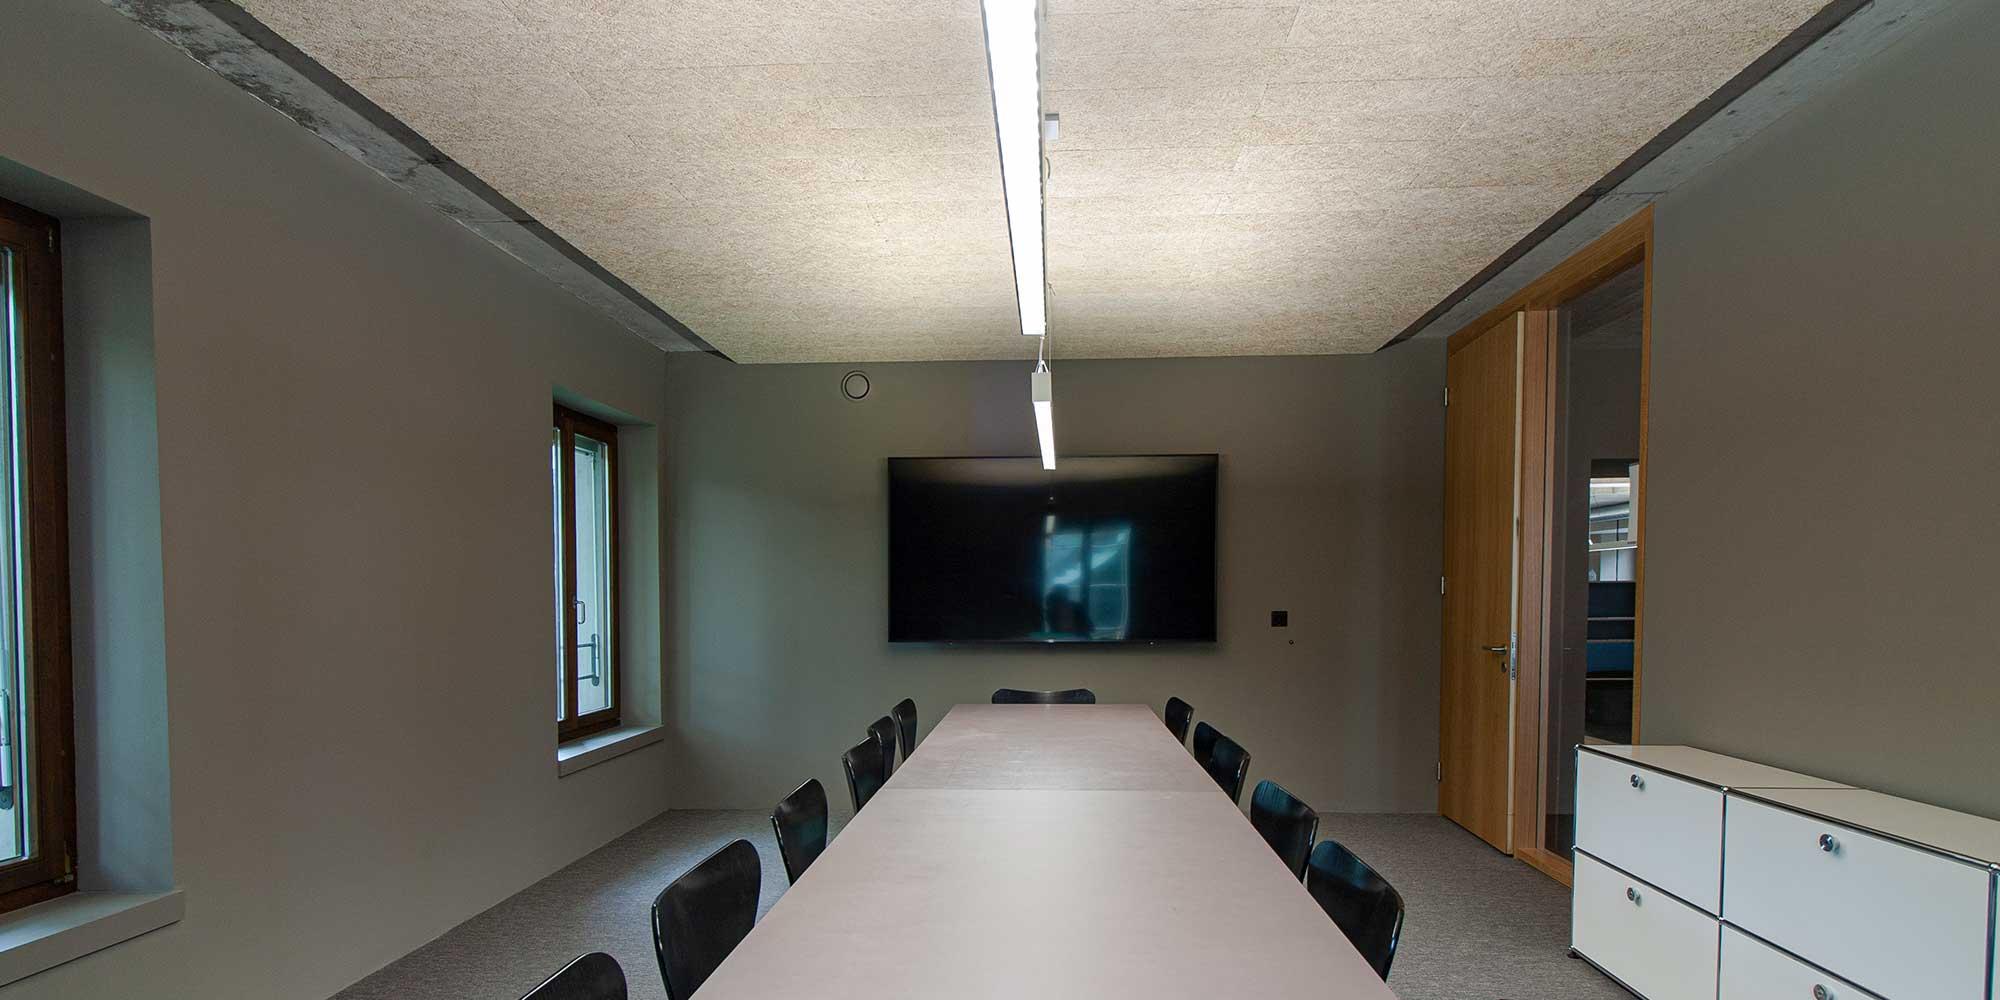 Matric Pendelleuchte von Lightnet beleuchtet den Sitzungstisch optimal aus